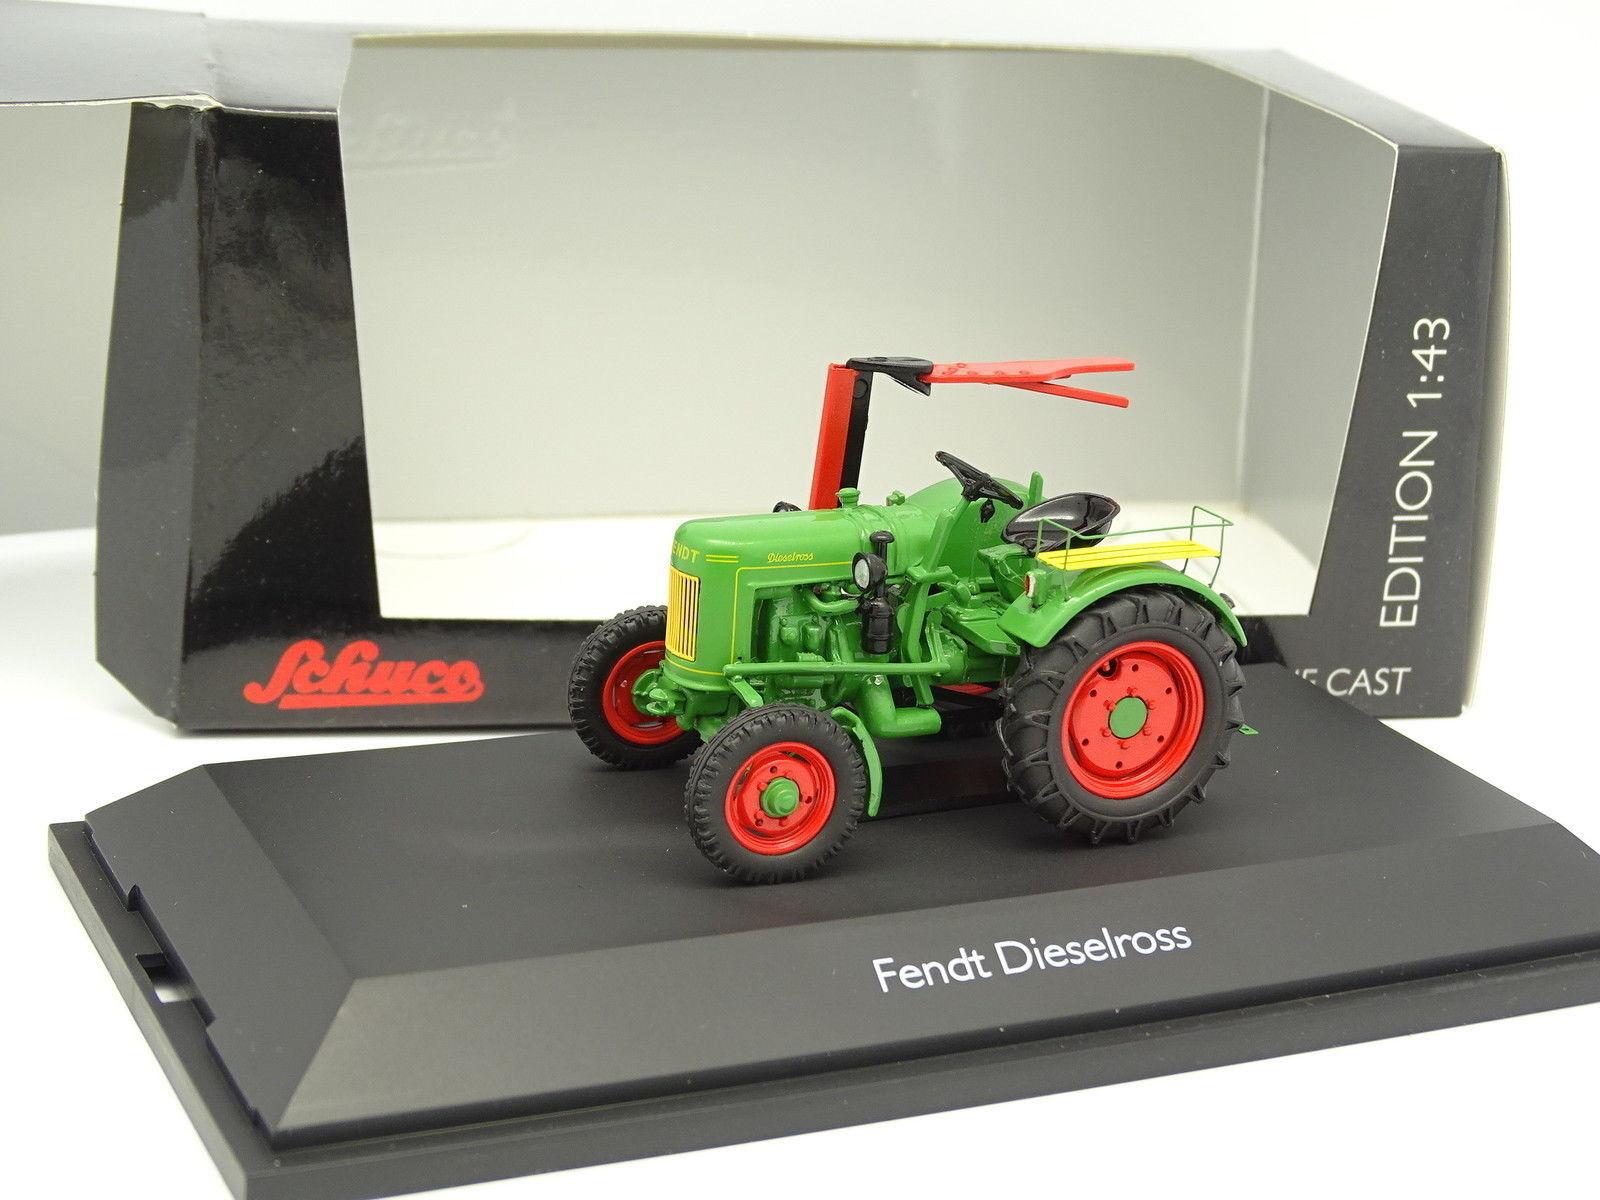 Schuco 1 43 43 43 - Tractor Fendt DieselRoss 015c81